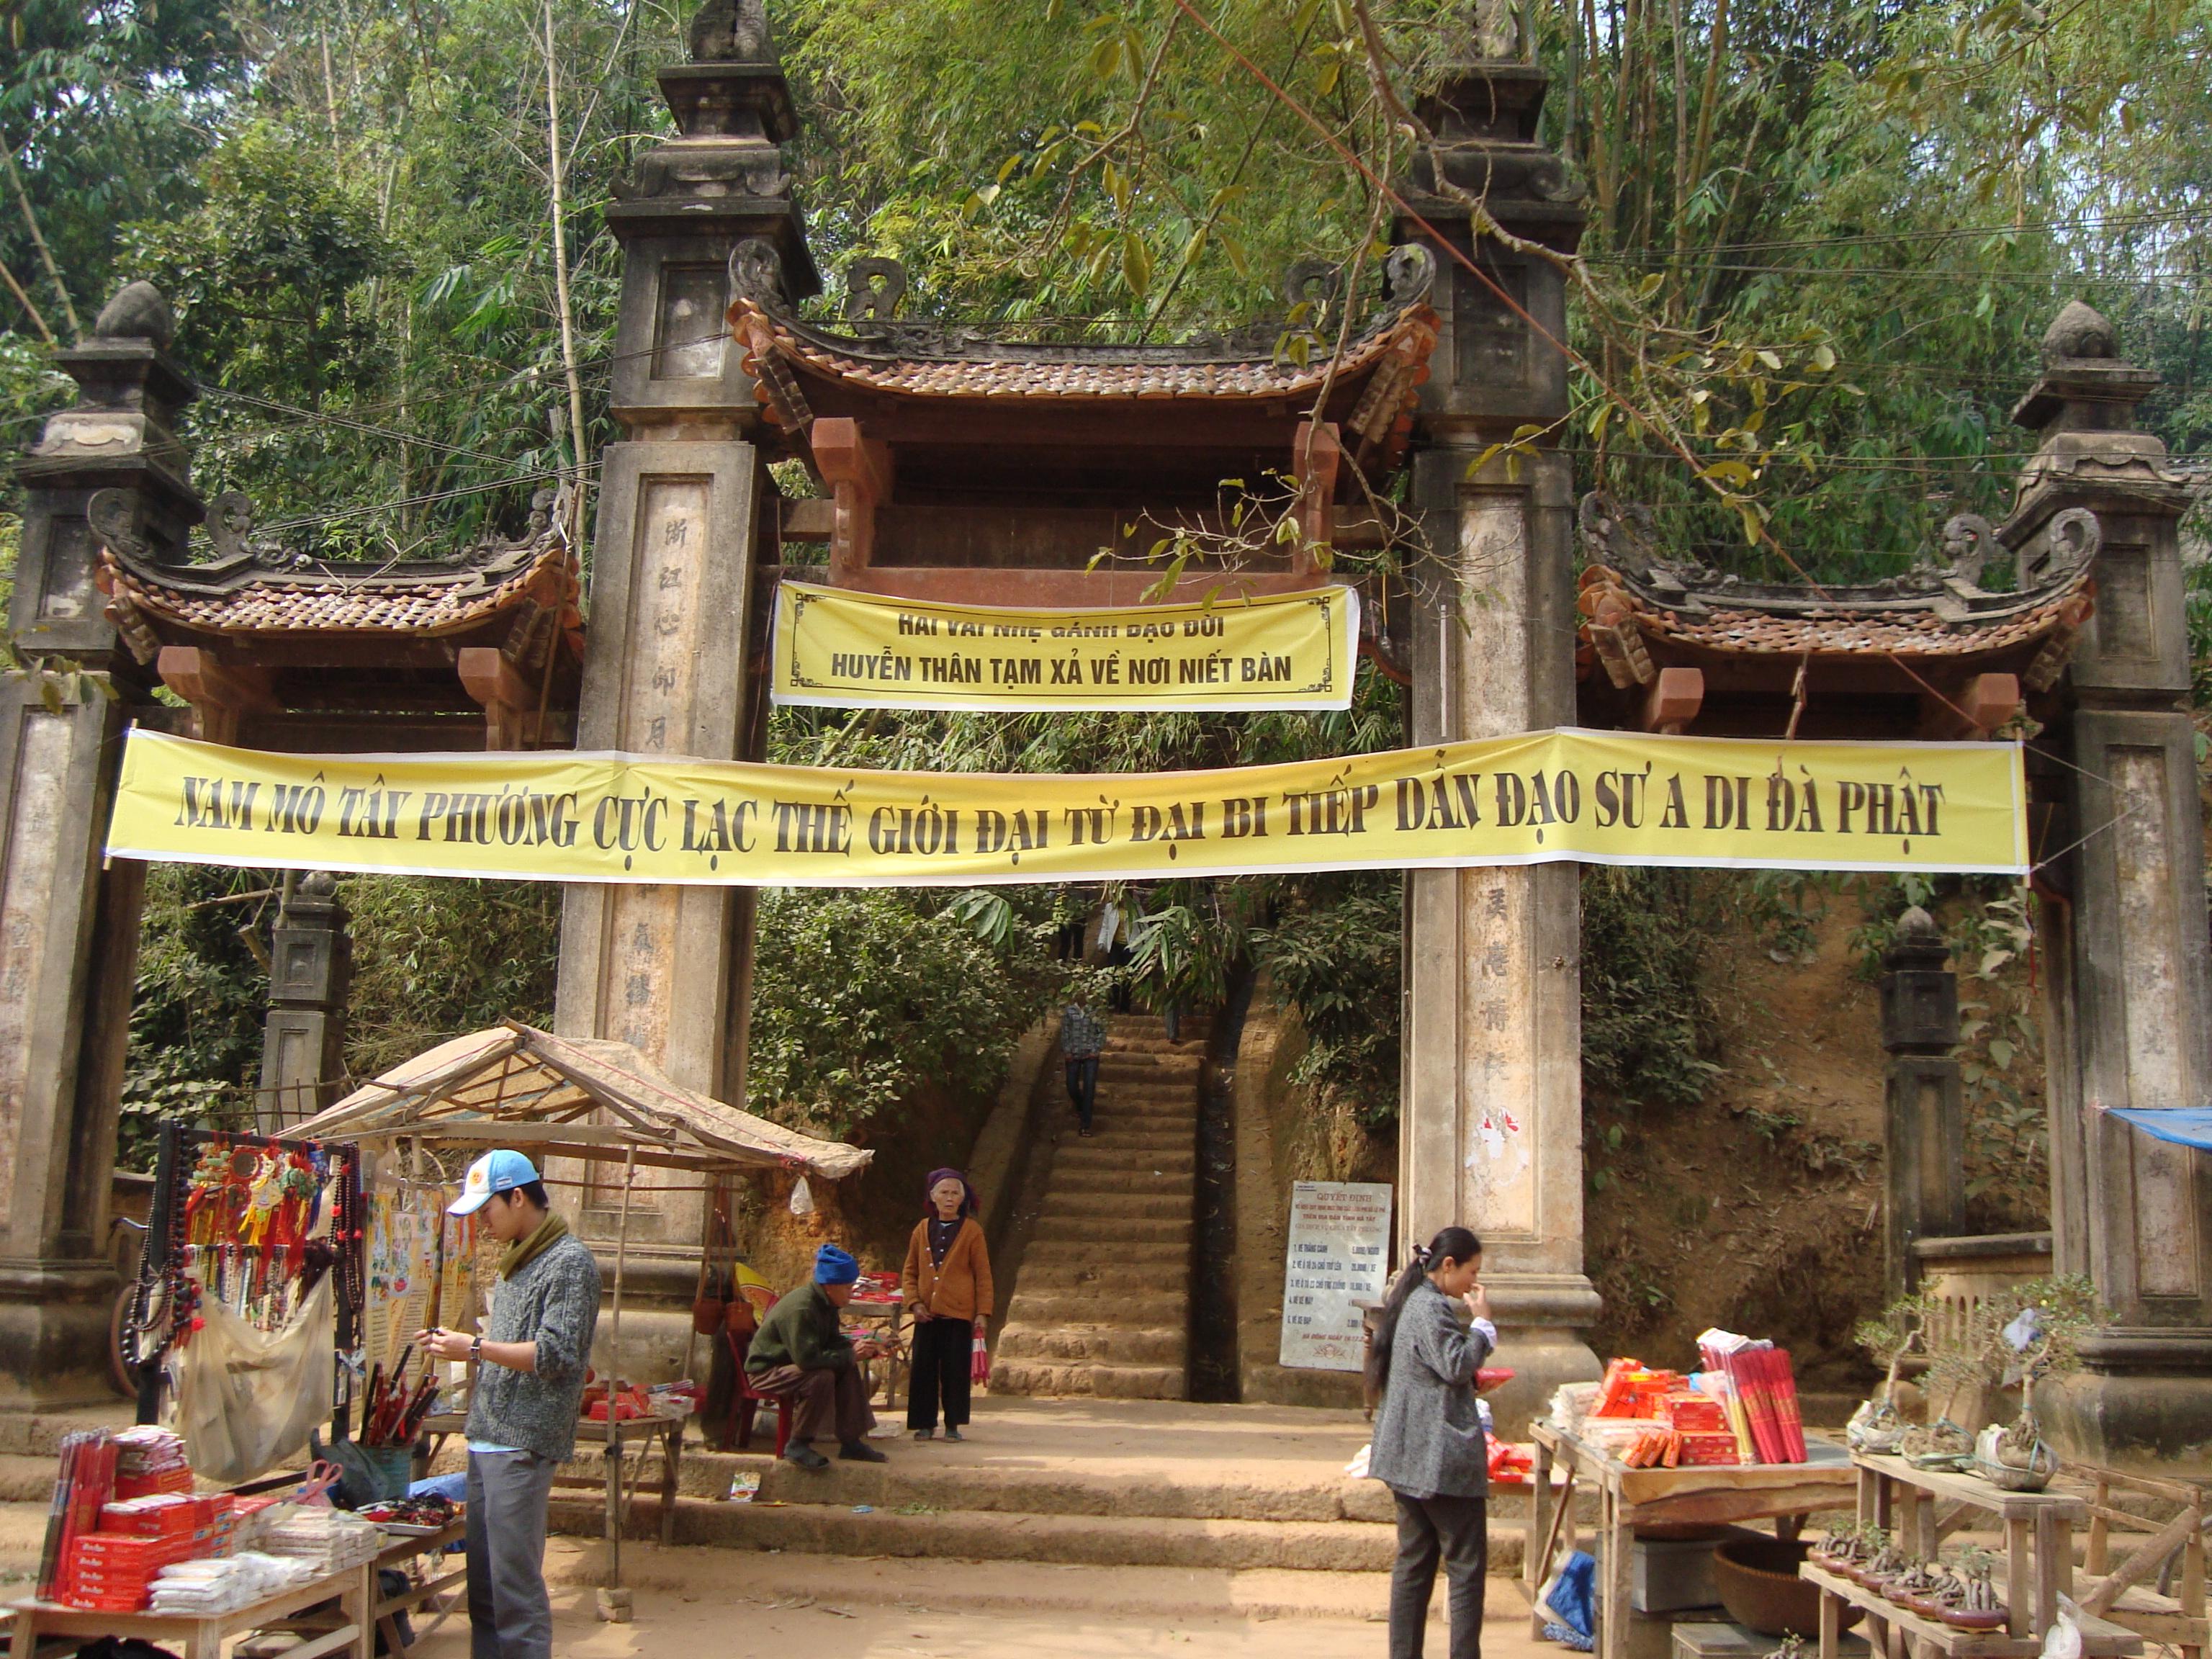 Chùa Tây Phương, bảo tàng tượng Phật độc đáo nhất Việt Nam